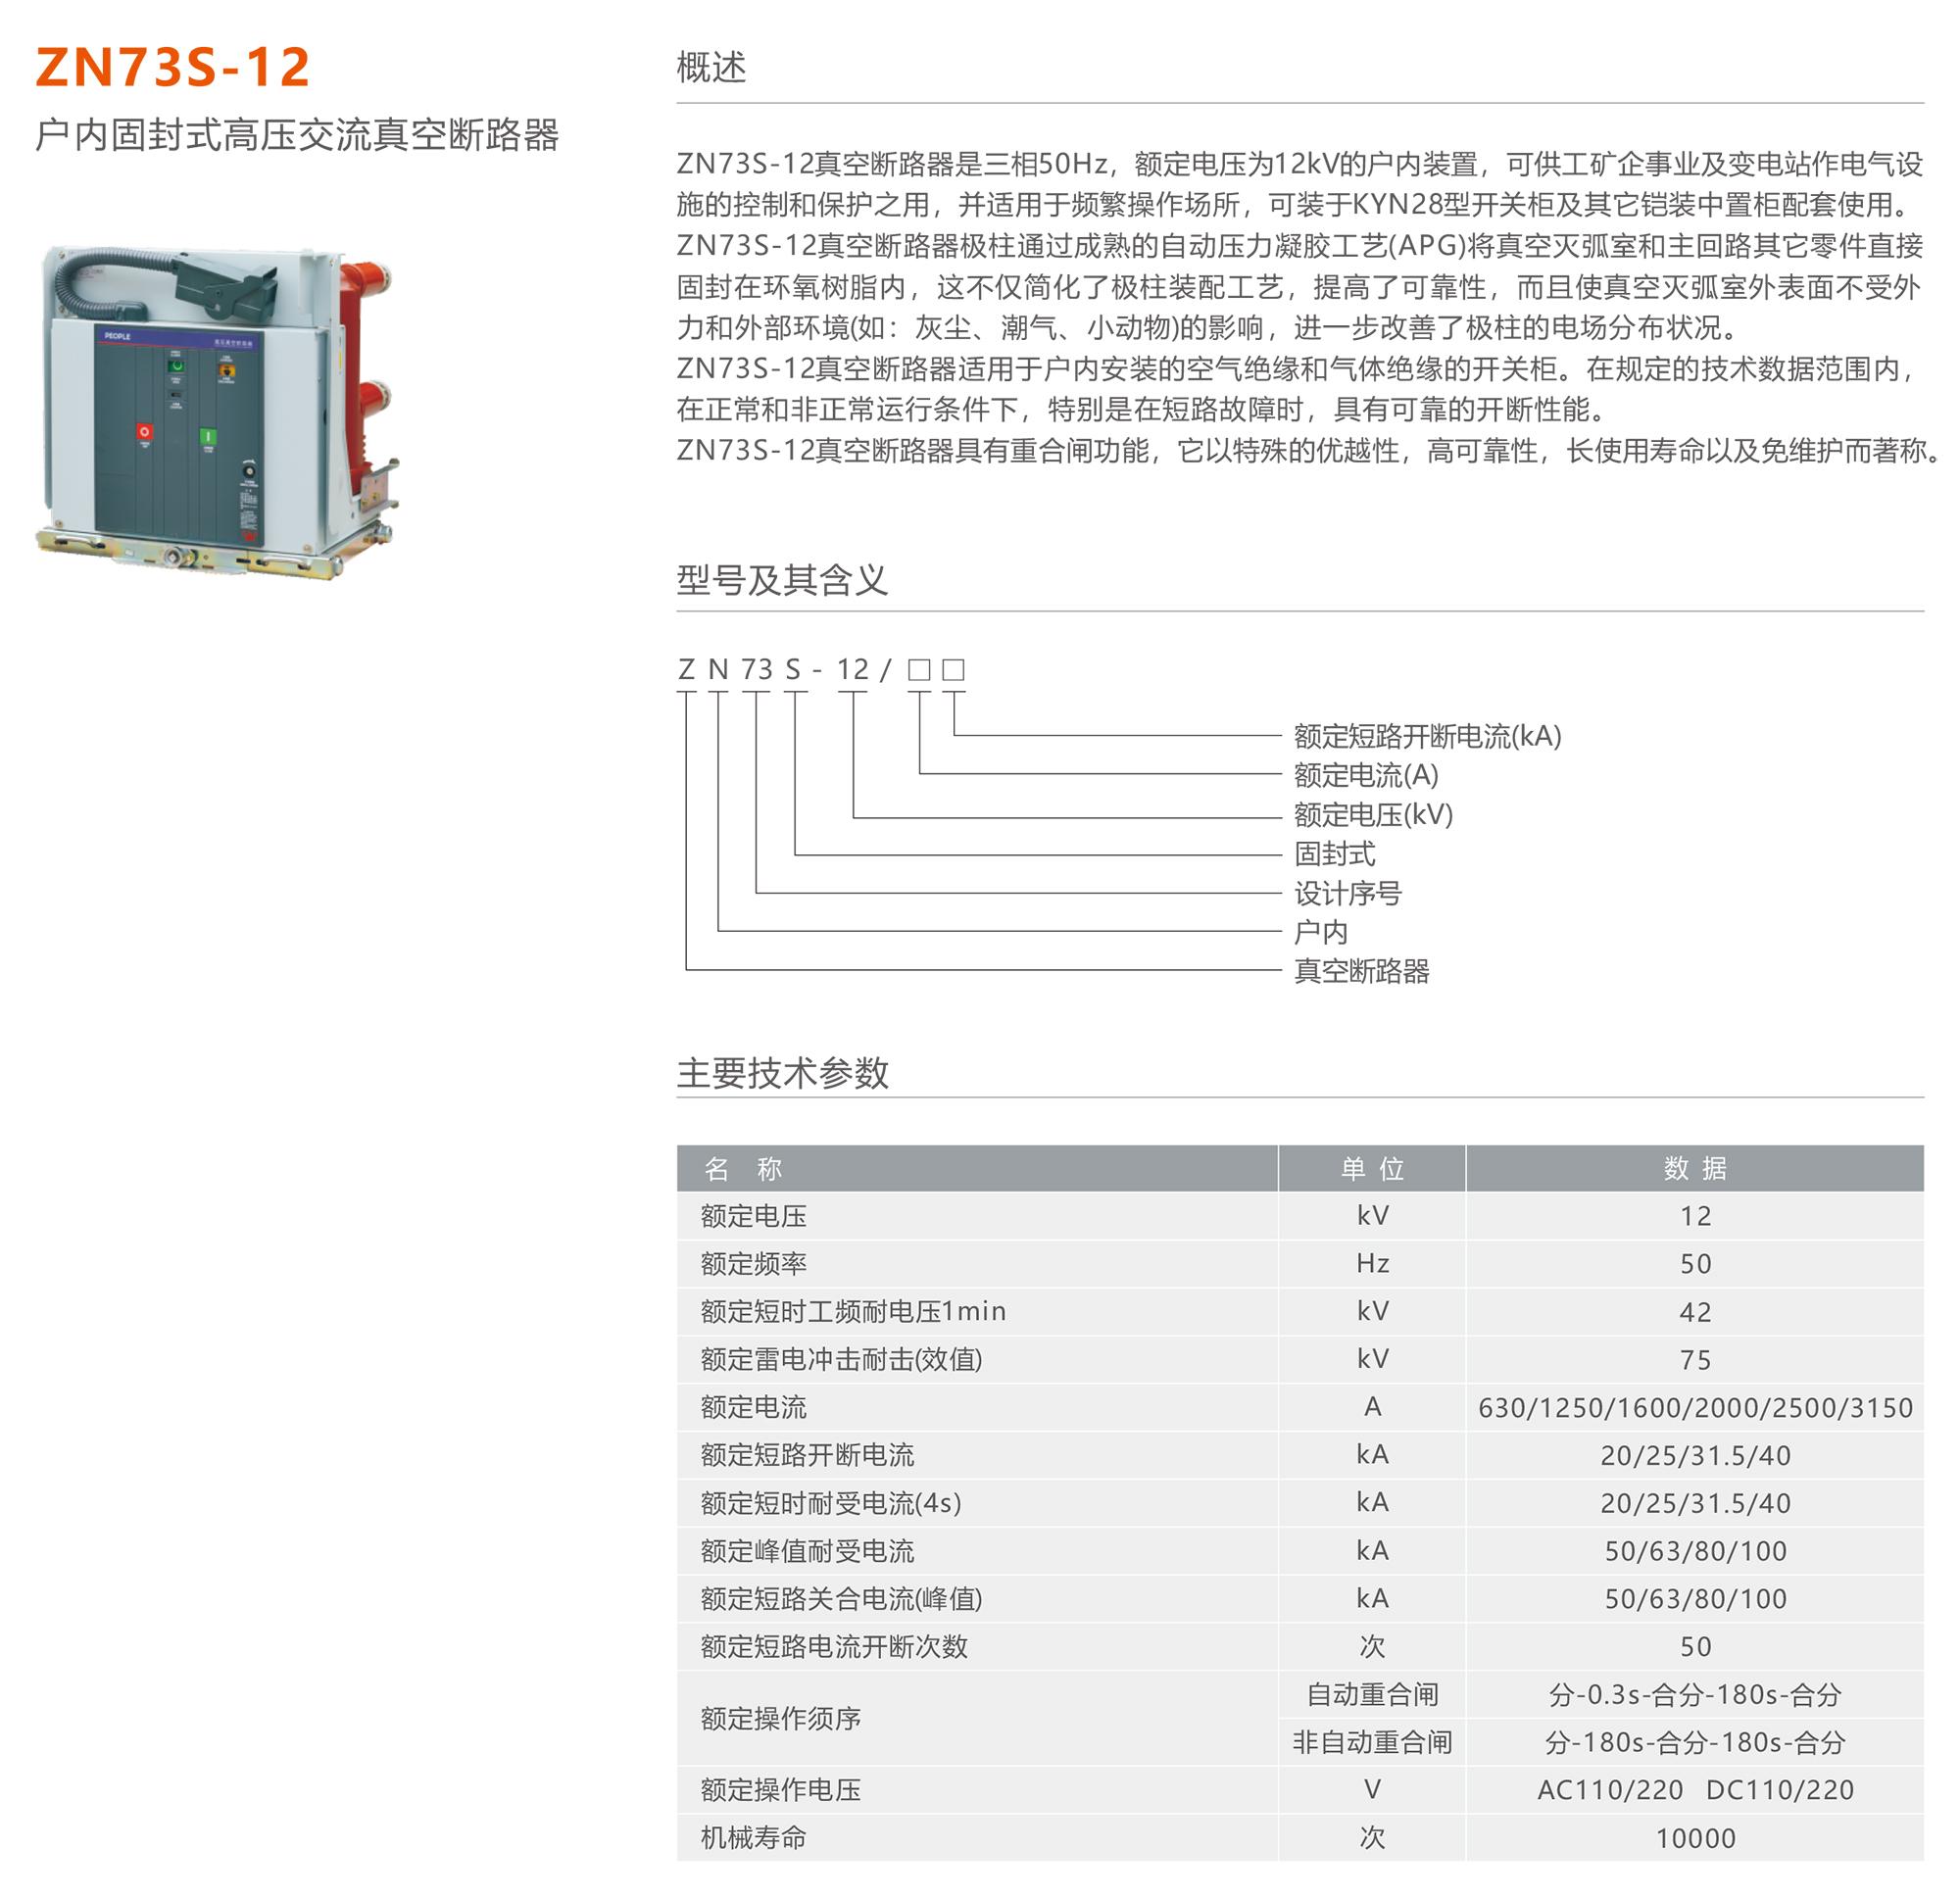 人民电器 ZN73S-12户内固封式高压交流真空断路器